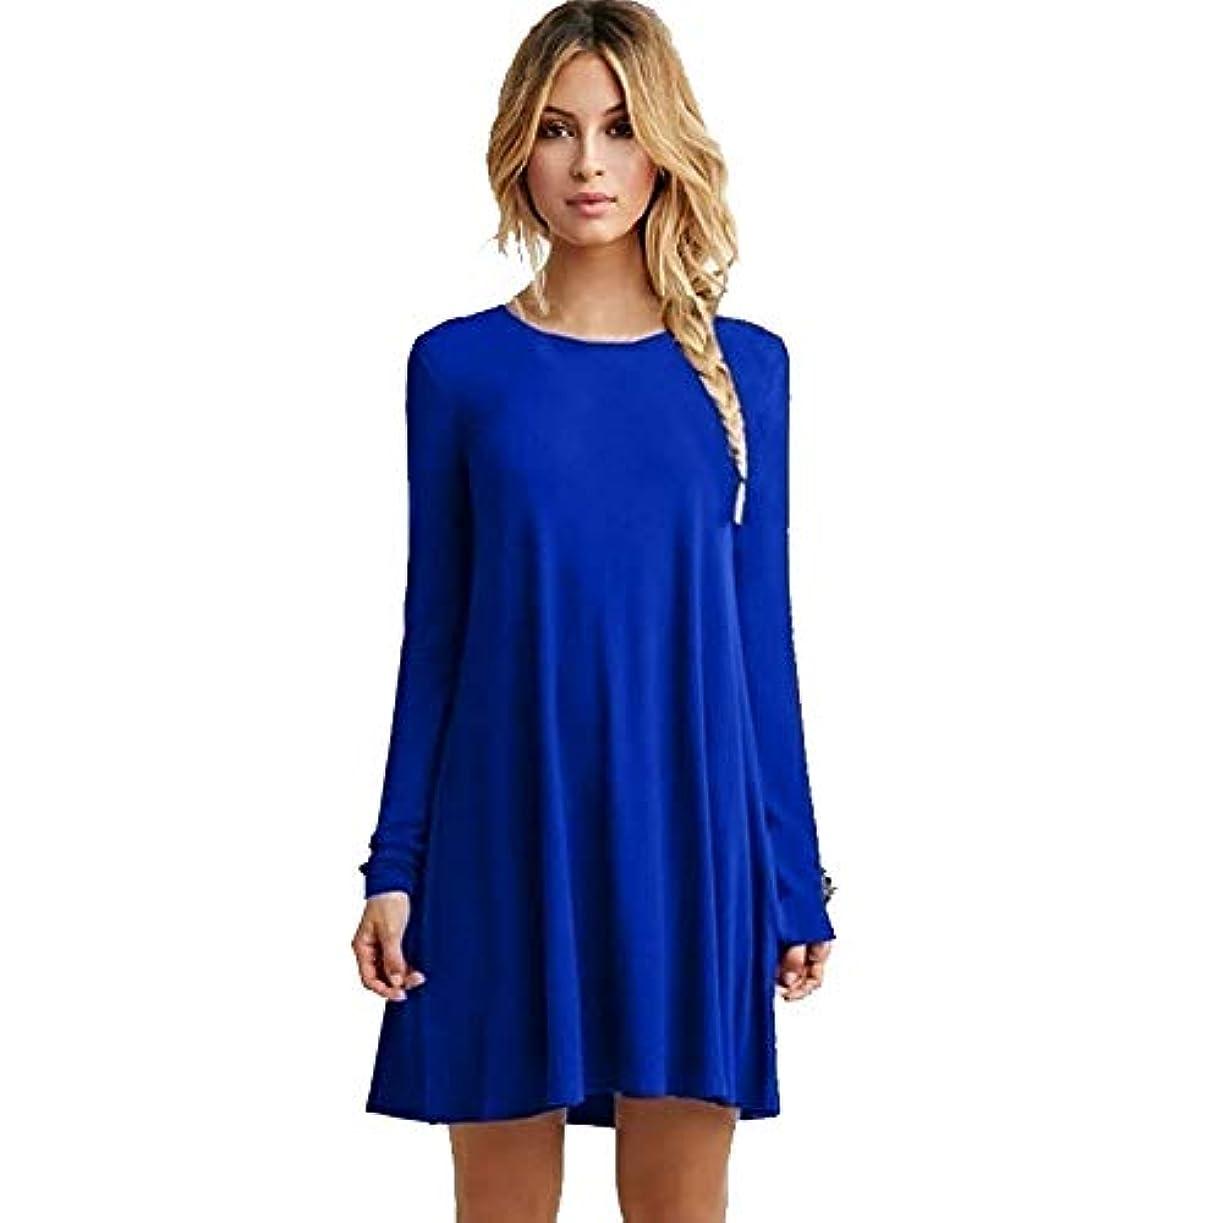 ガイドライン告白する妥協MIFANルースドレス、プラスサイズのドレス、長袖のドレス、女性のドレス、秋のドレス、マキシドレス、コットンドレス